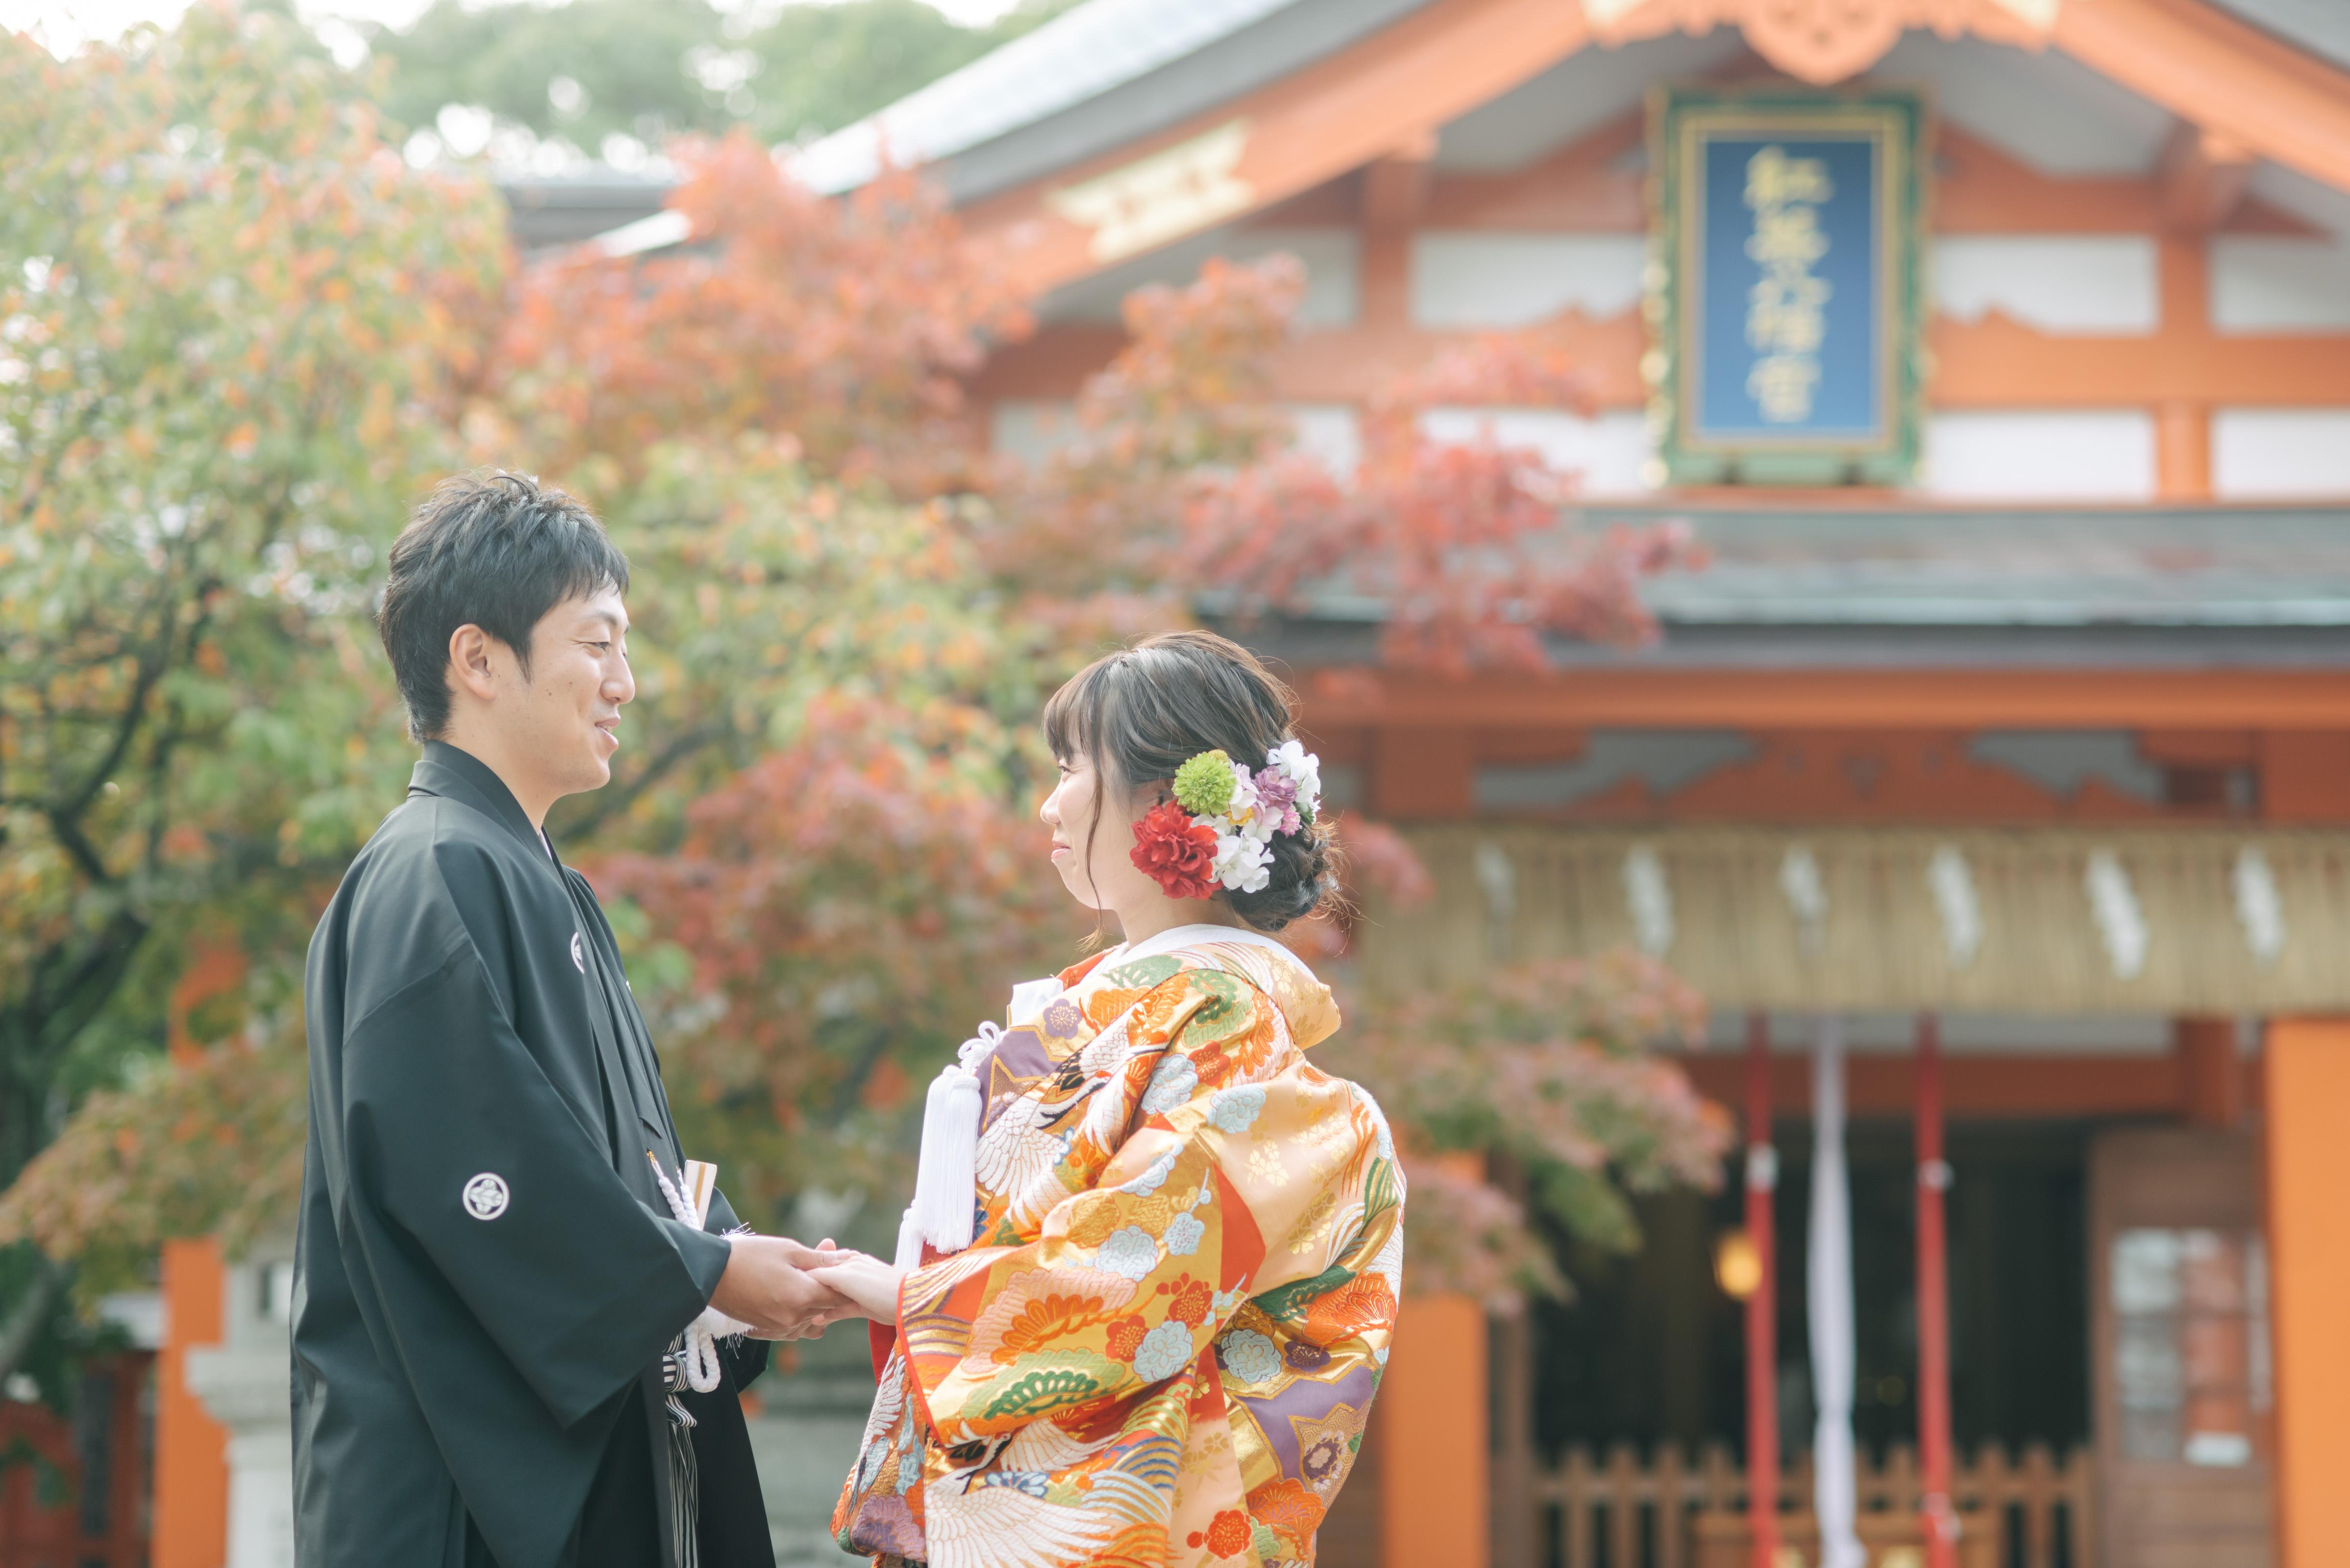 紅葉八幡宮|フォトウェディング・前撮りに人気のロケーションスポット|福岡・九州でフォトウェディング・前撮りならウェディングセレクト!フォトウェディング